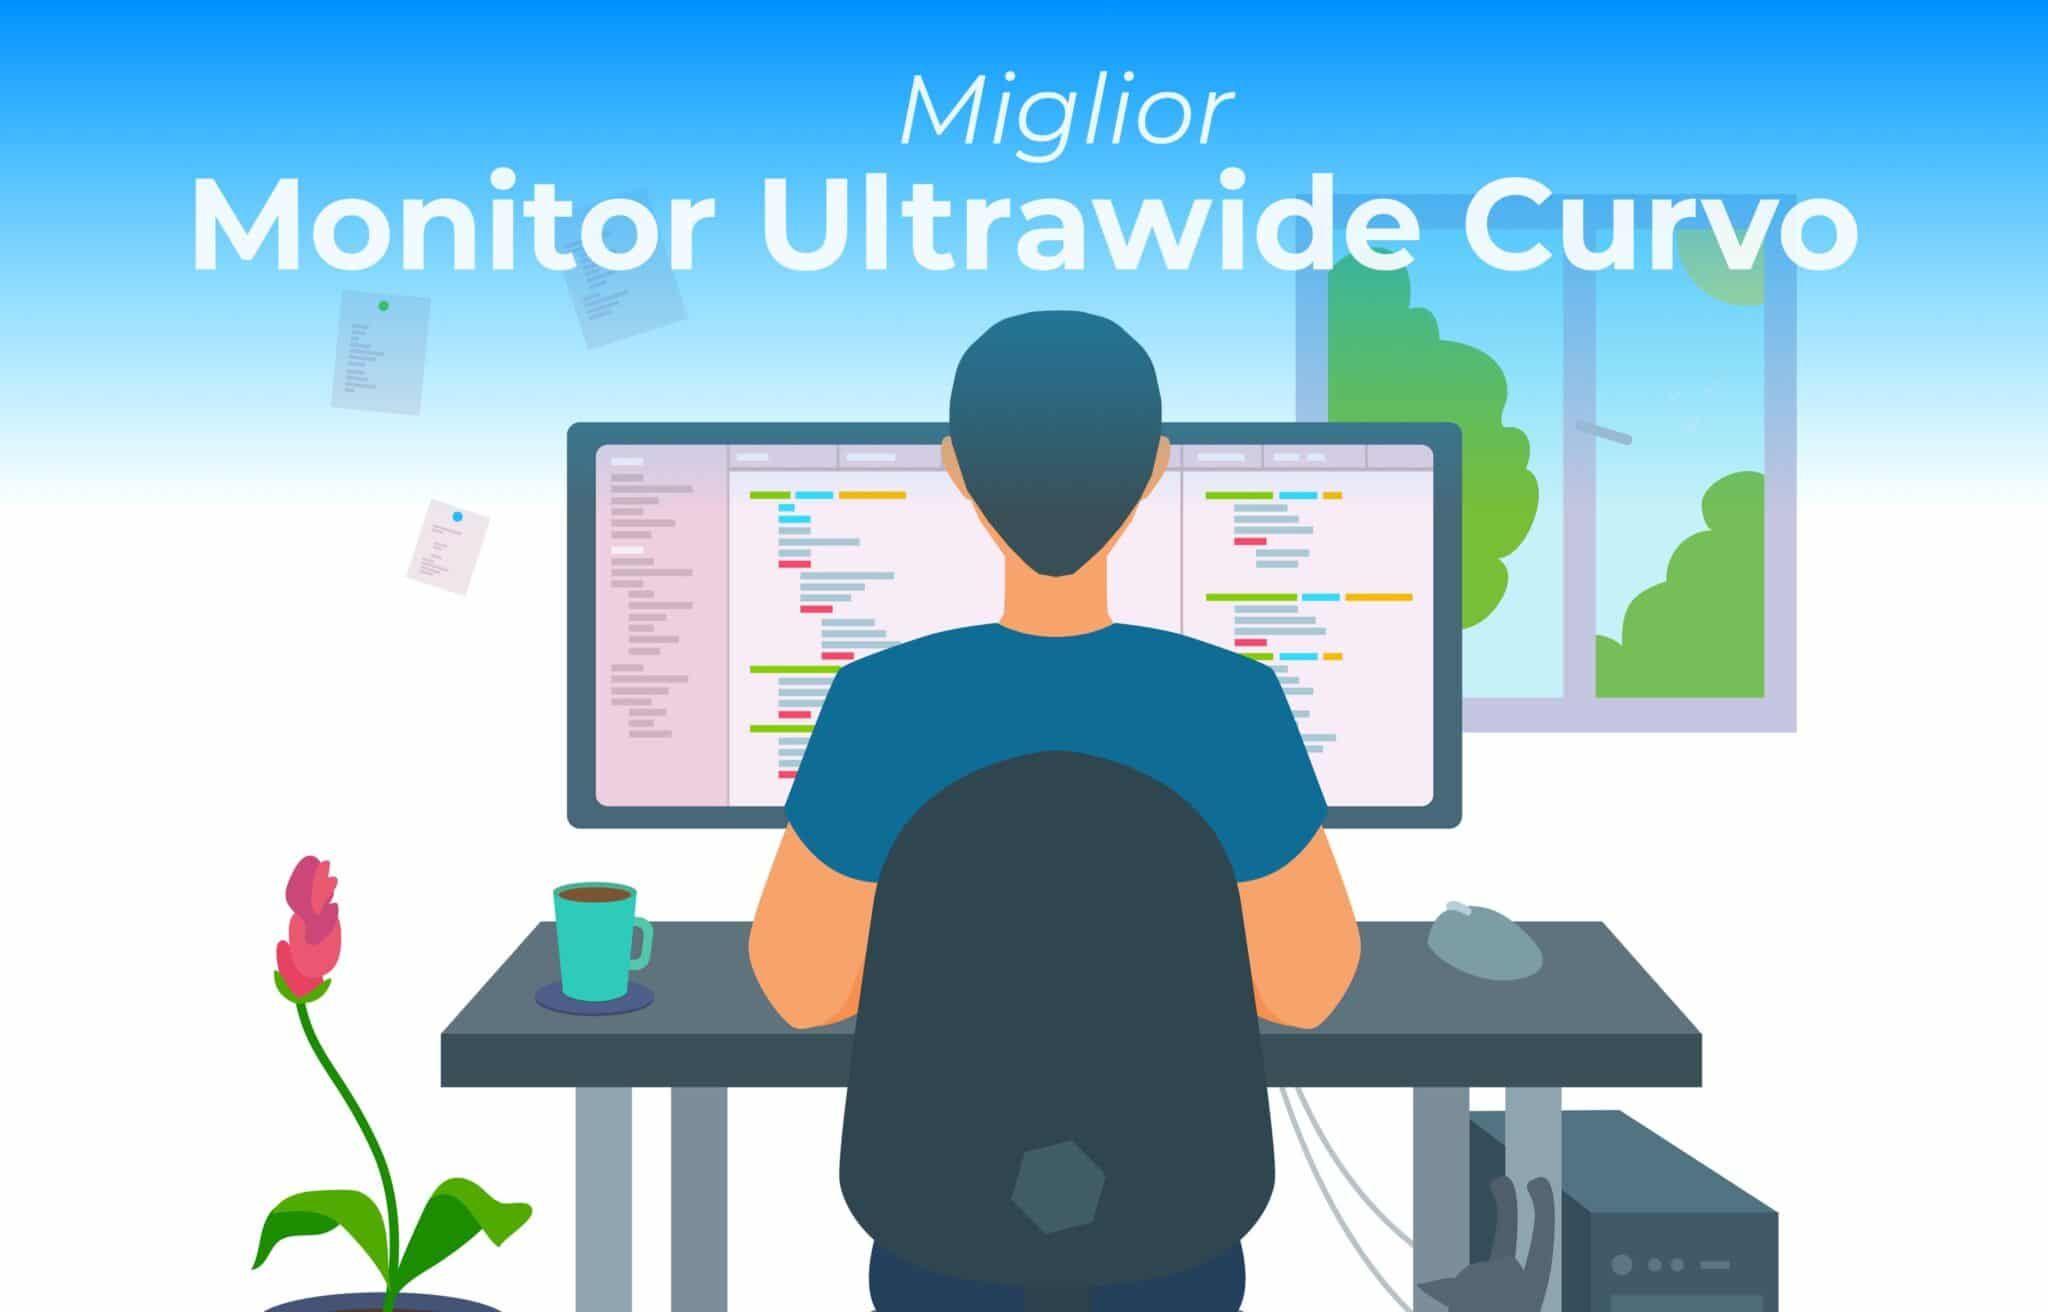 miglior monitor ultrawide curvo